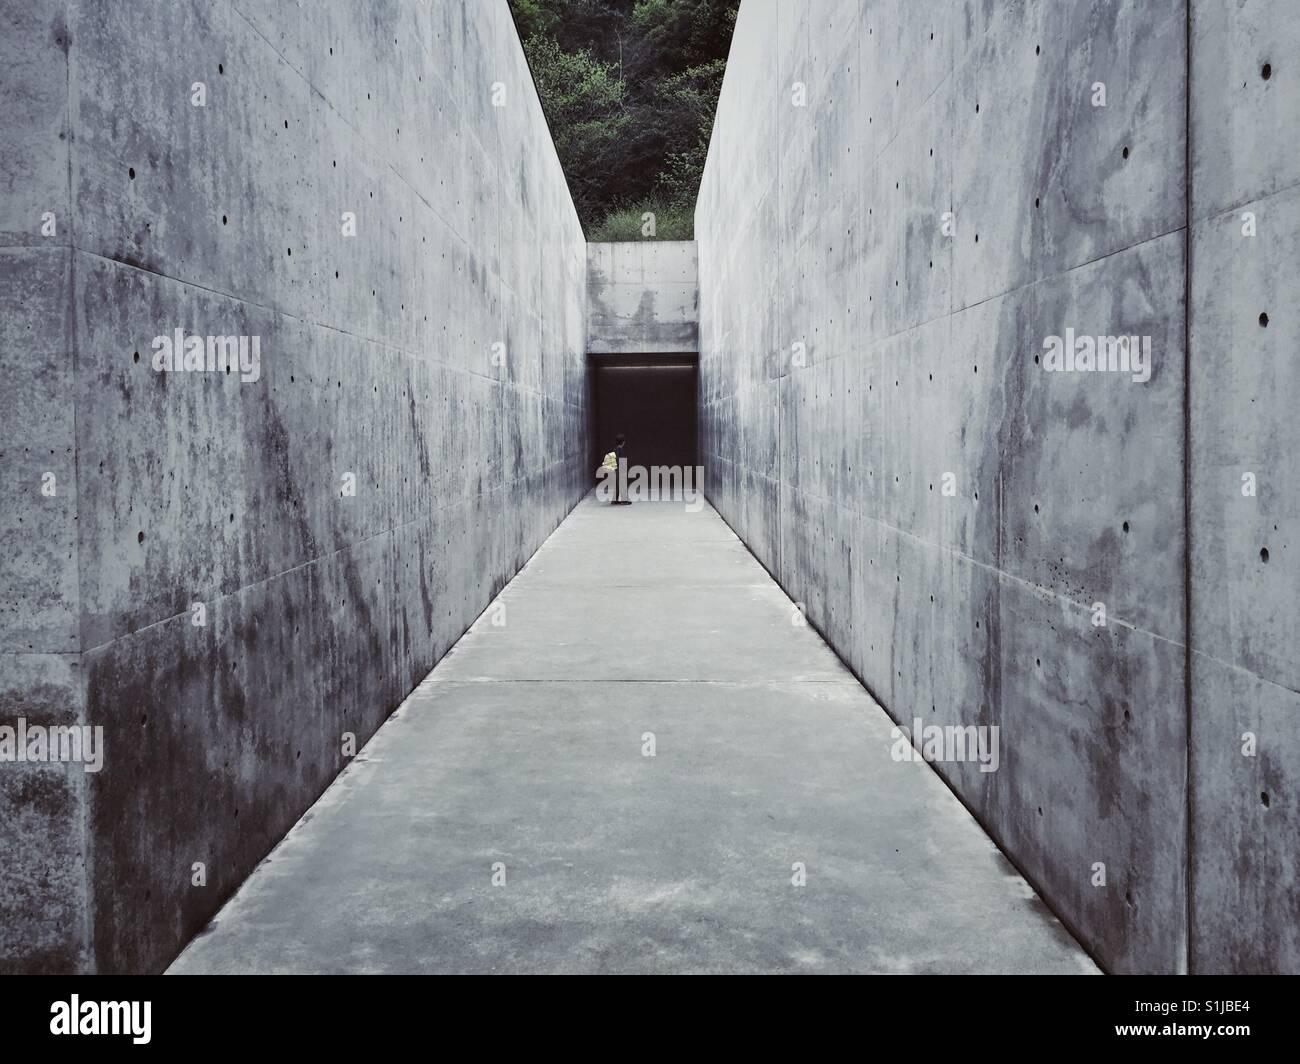 Lee Ufan museo diseñado por Tadao Ando en la isla de Naoshima en Japón Imagen De Stock